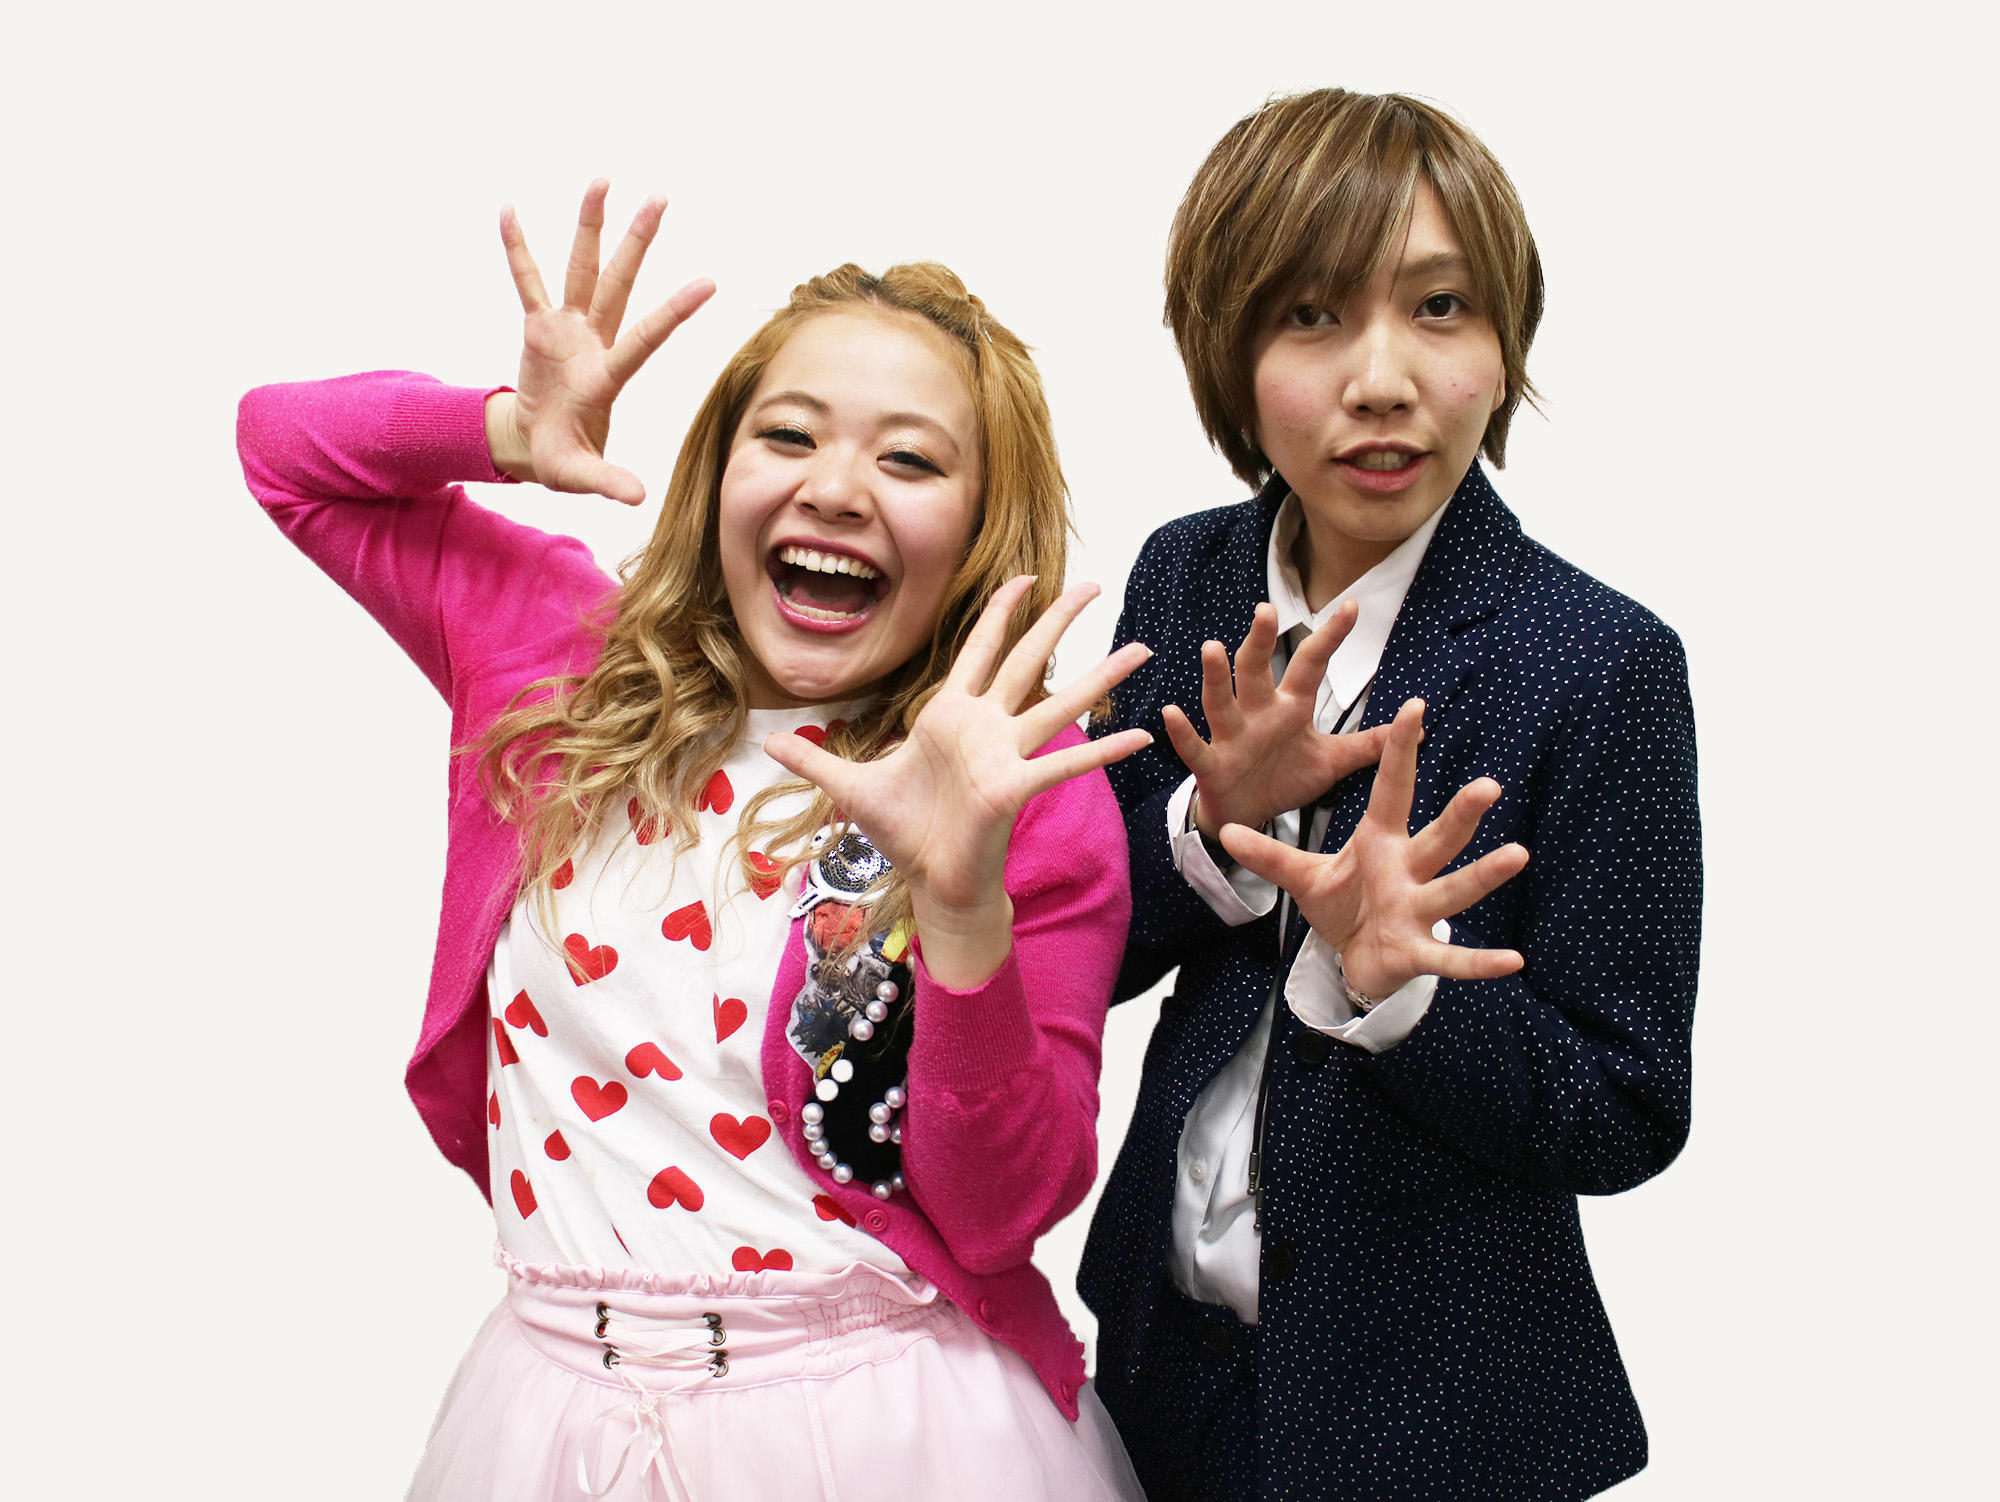 http://news.yoshimoto.co.jp/20180511145941-d22bb17c97a4d889a3a40bc97e6796cd84d57650.jpg